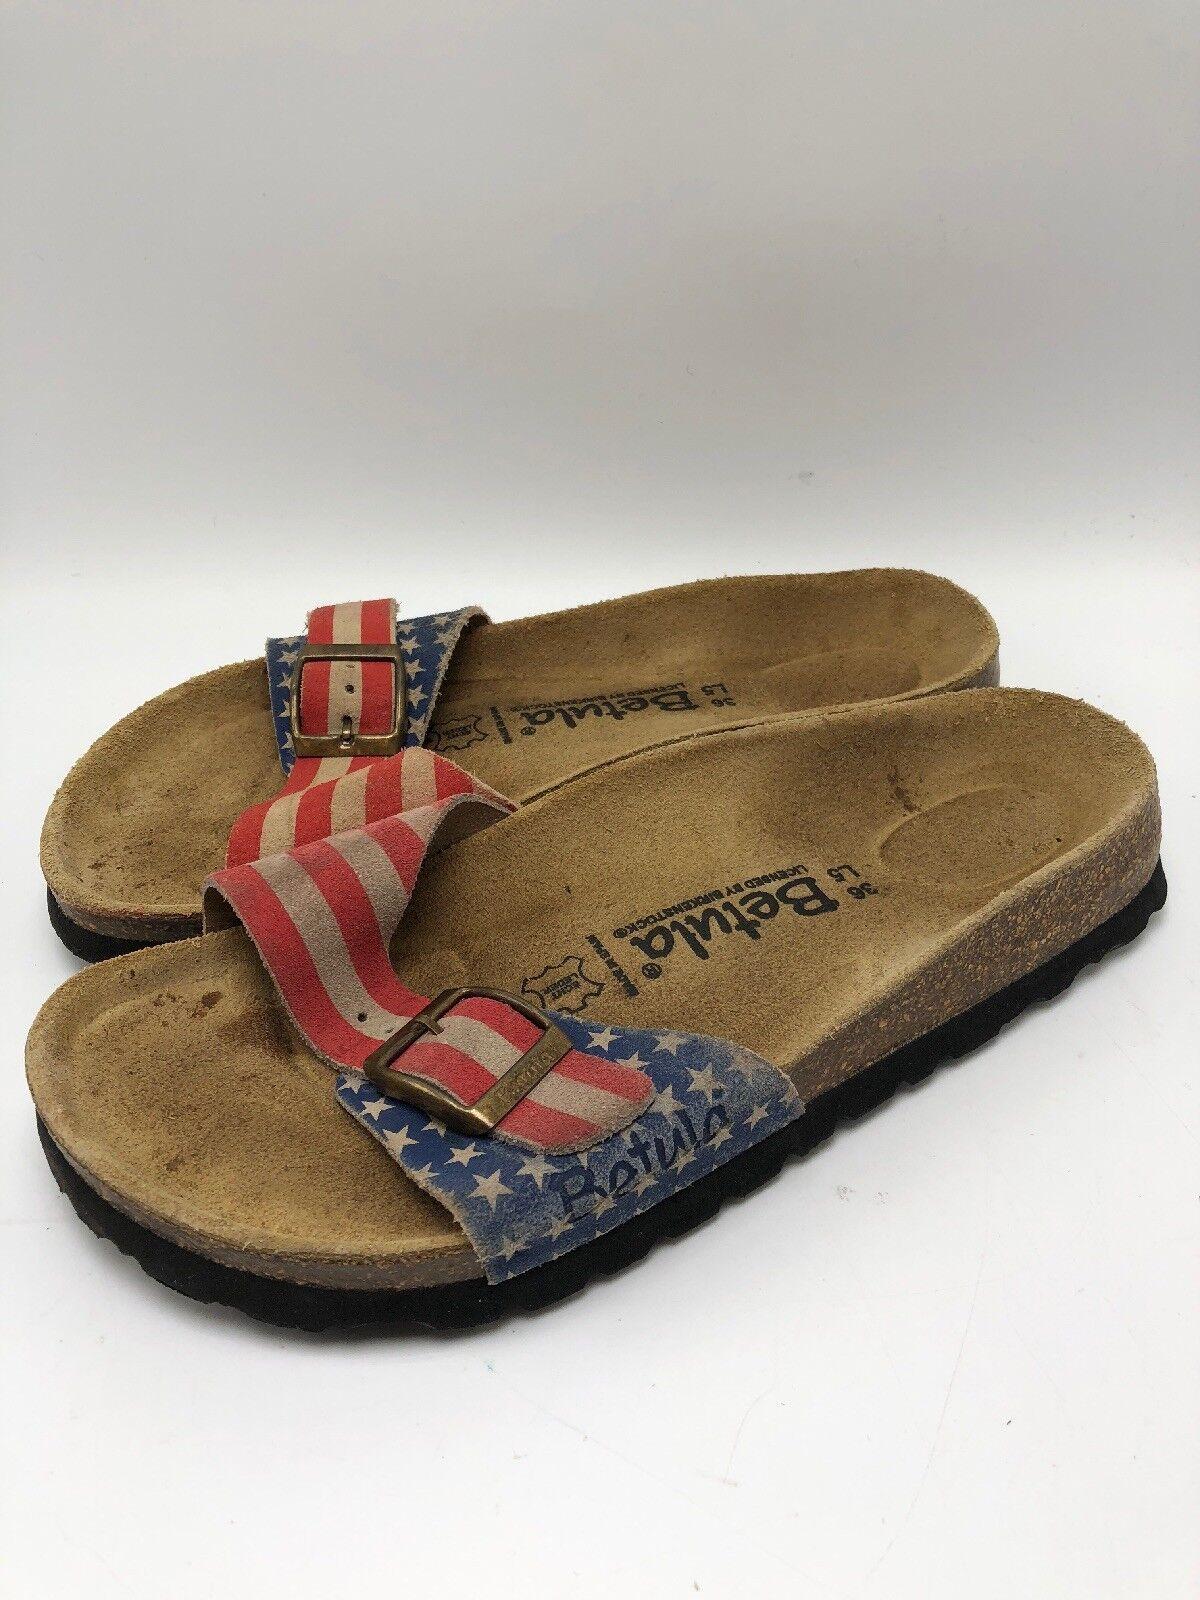 Betula by BIRKESSTOCK 36 RARE American Flag Single Strap  SANDALS SUEDE - USA 4th  promozioni eccitanti